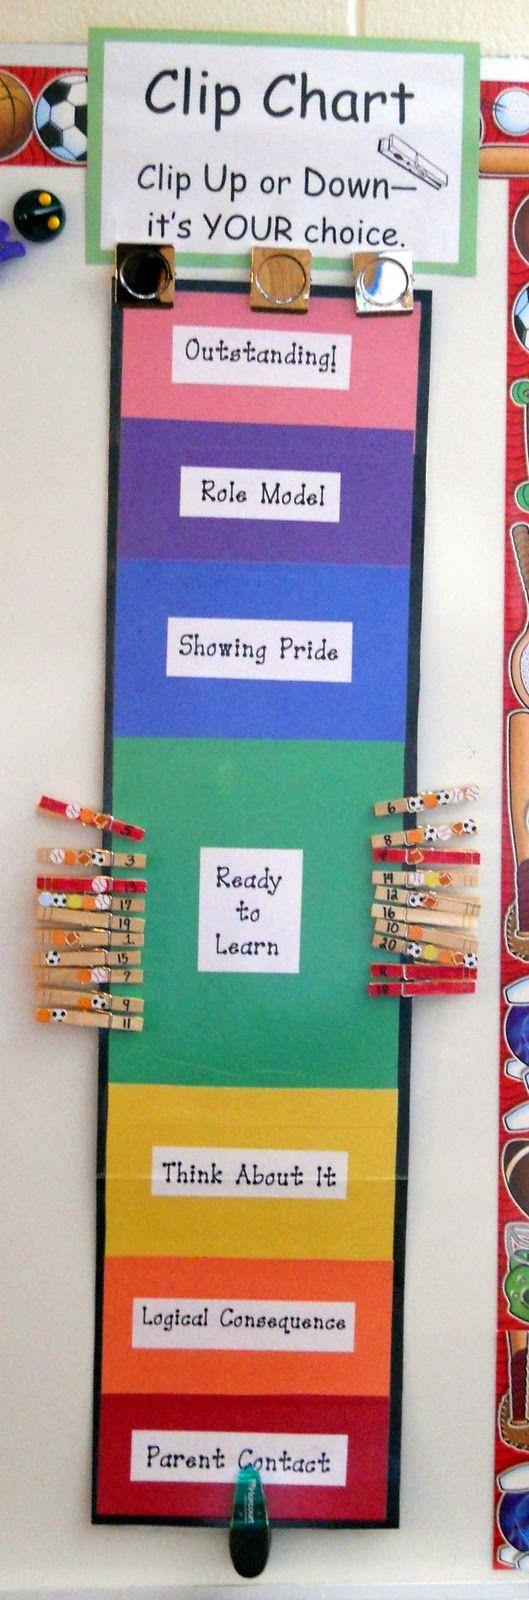 Classroom Behavior Ideas : Classroom management clip chart pixshark